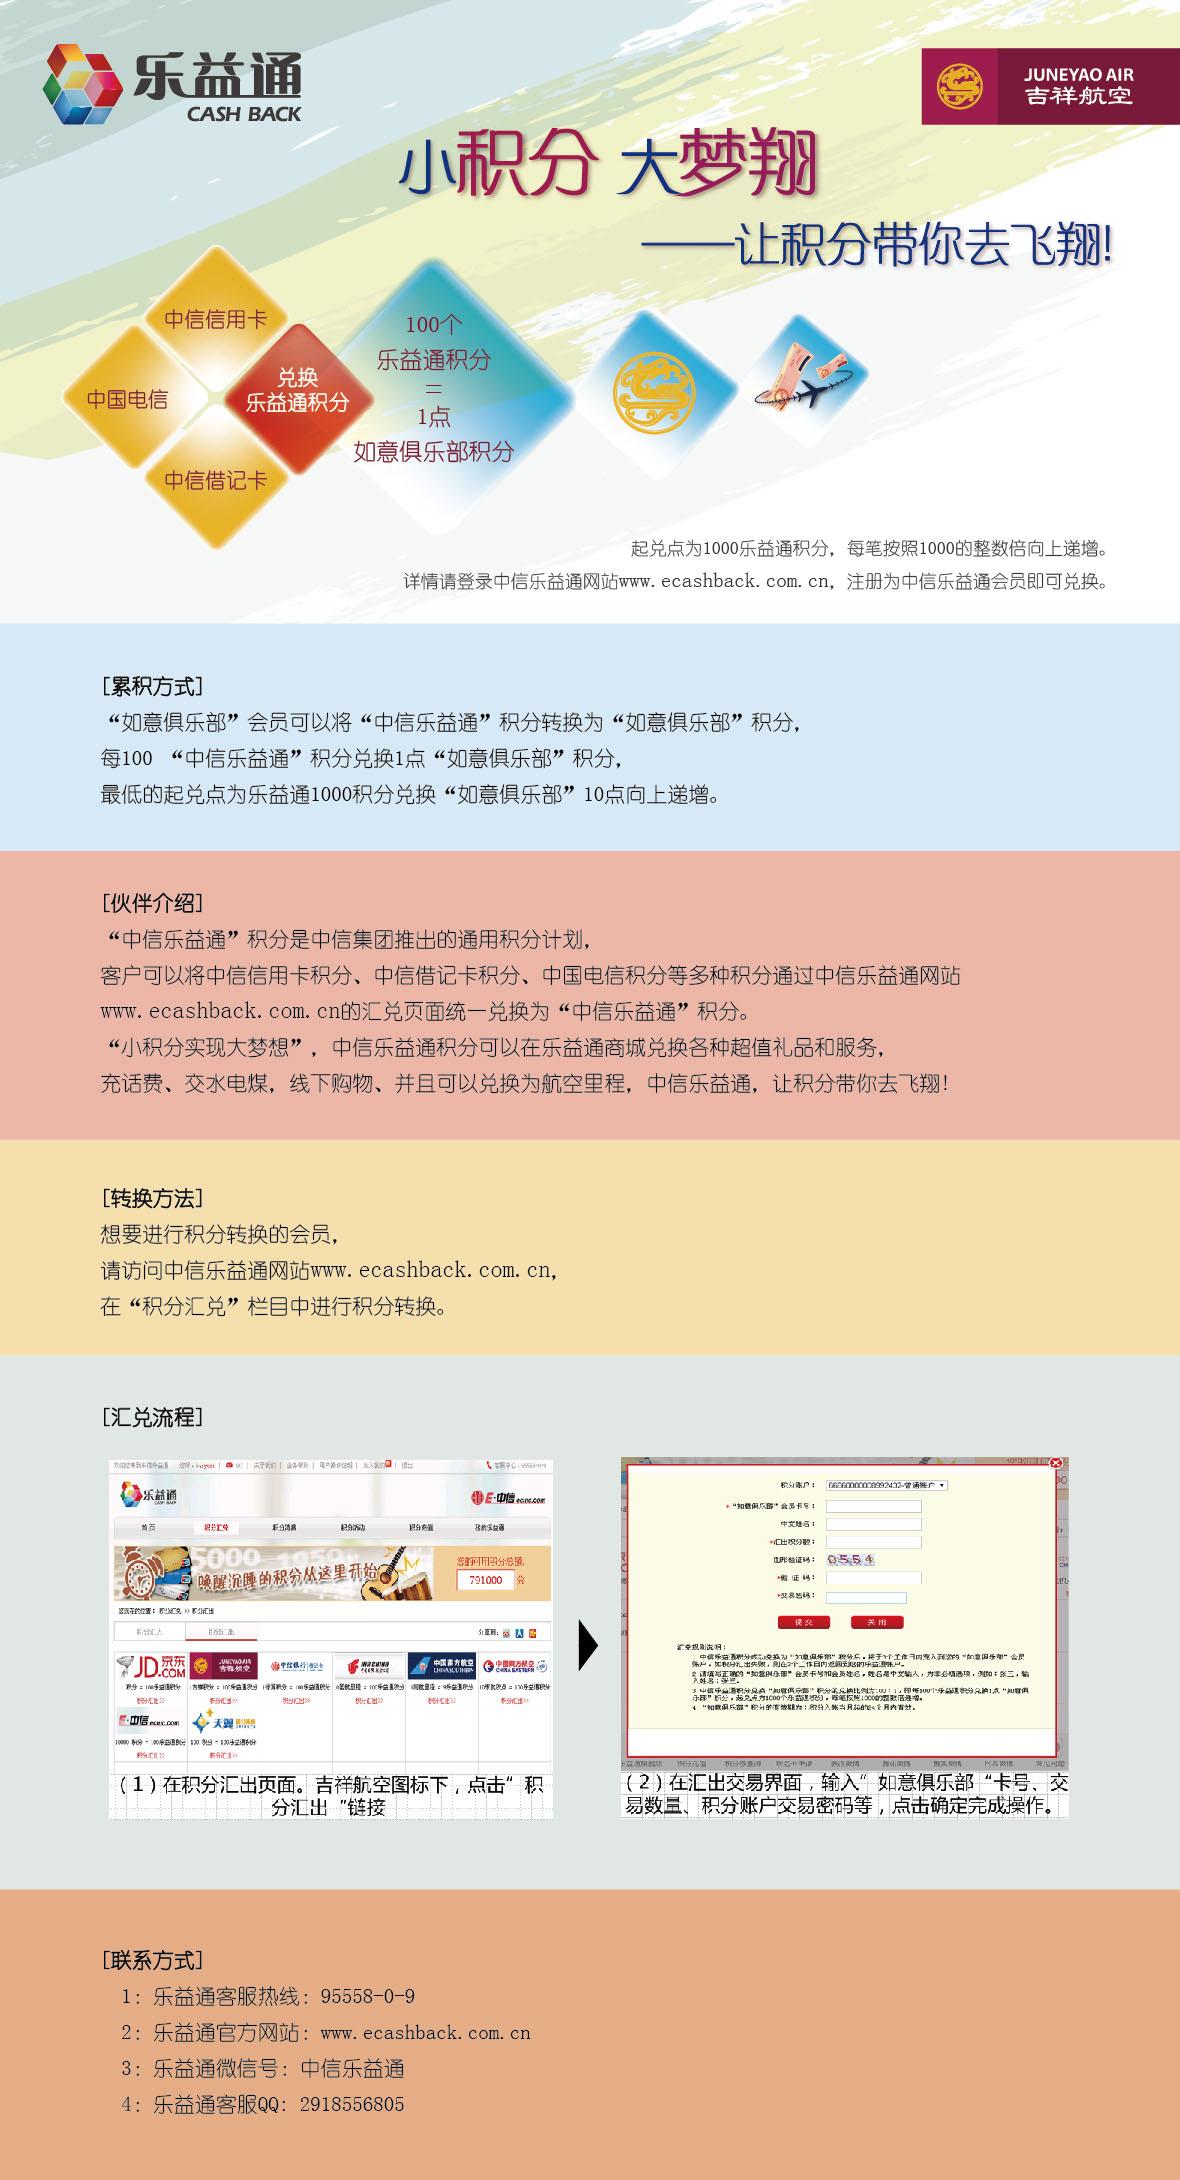 内页内容图-04.jpg